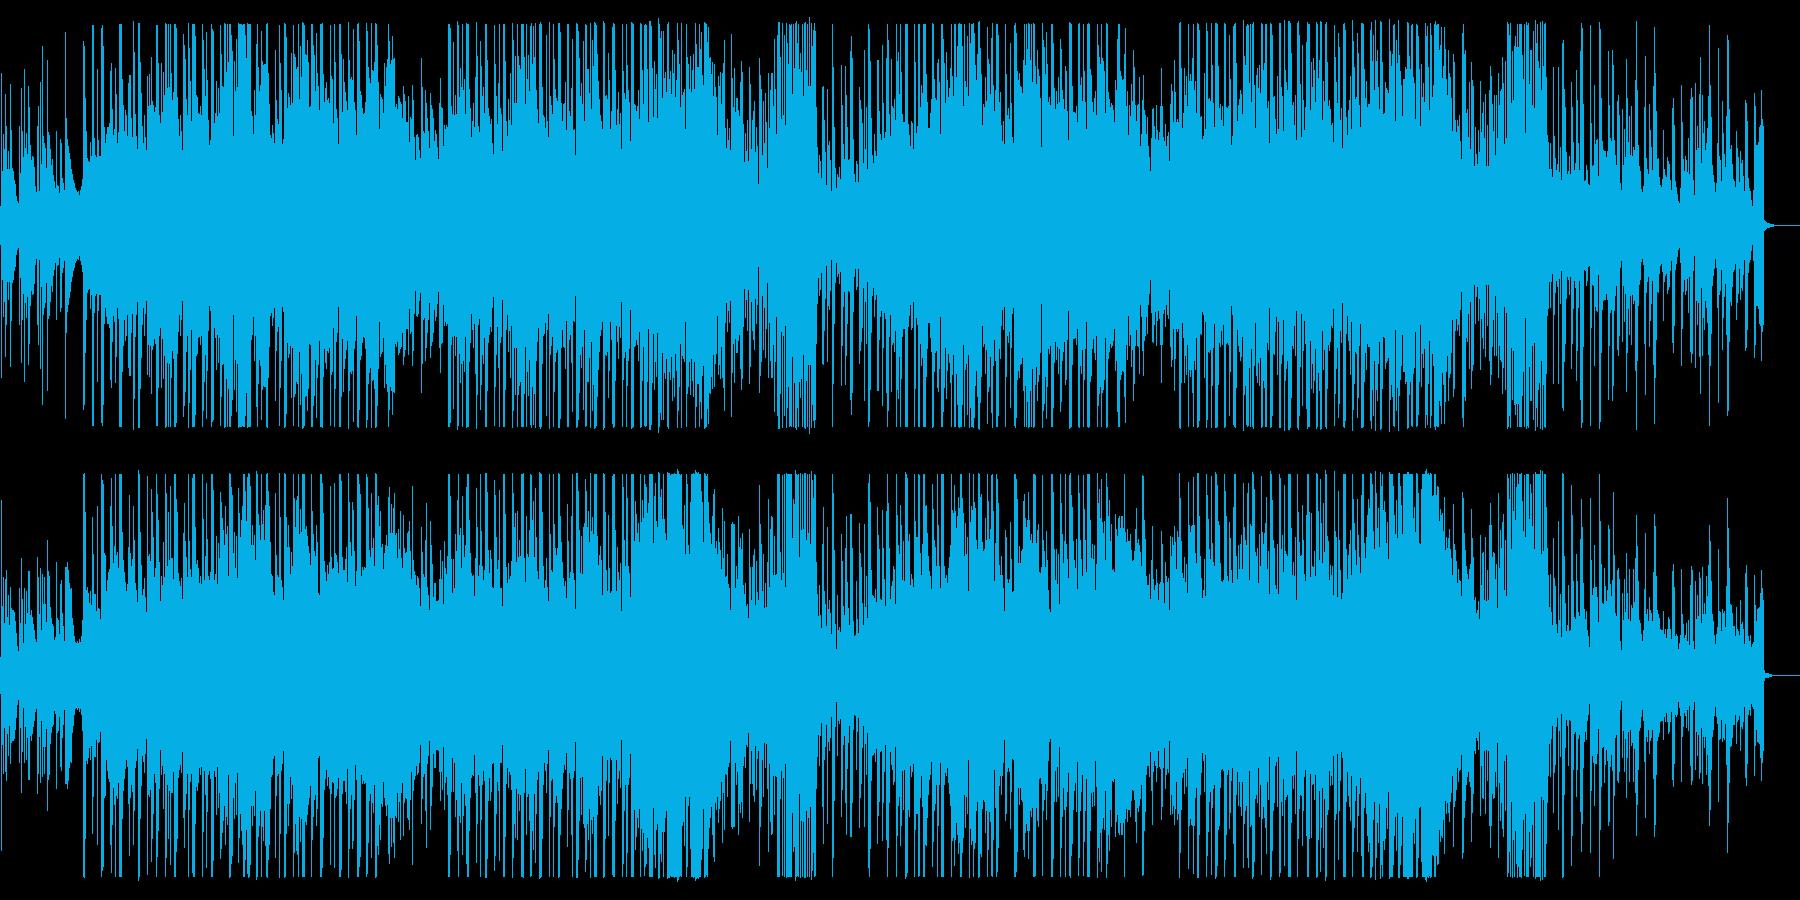 クールな和風ダブステップ、EDMの再生済みの波形